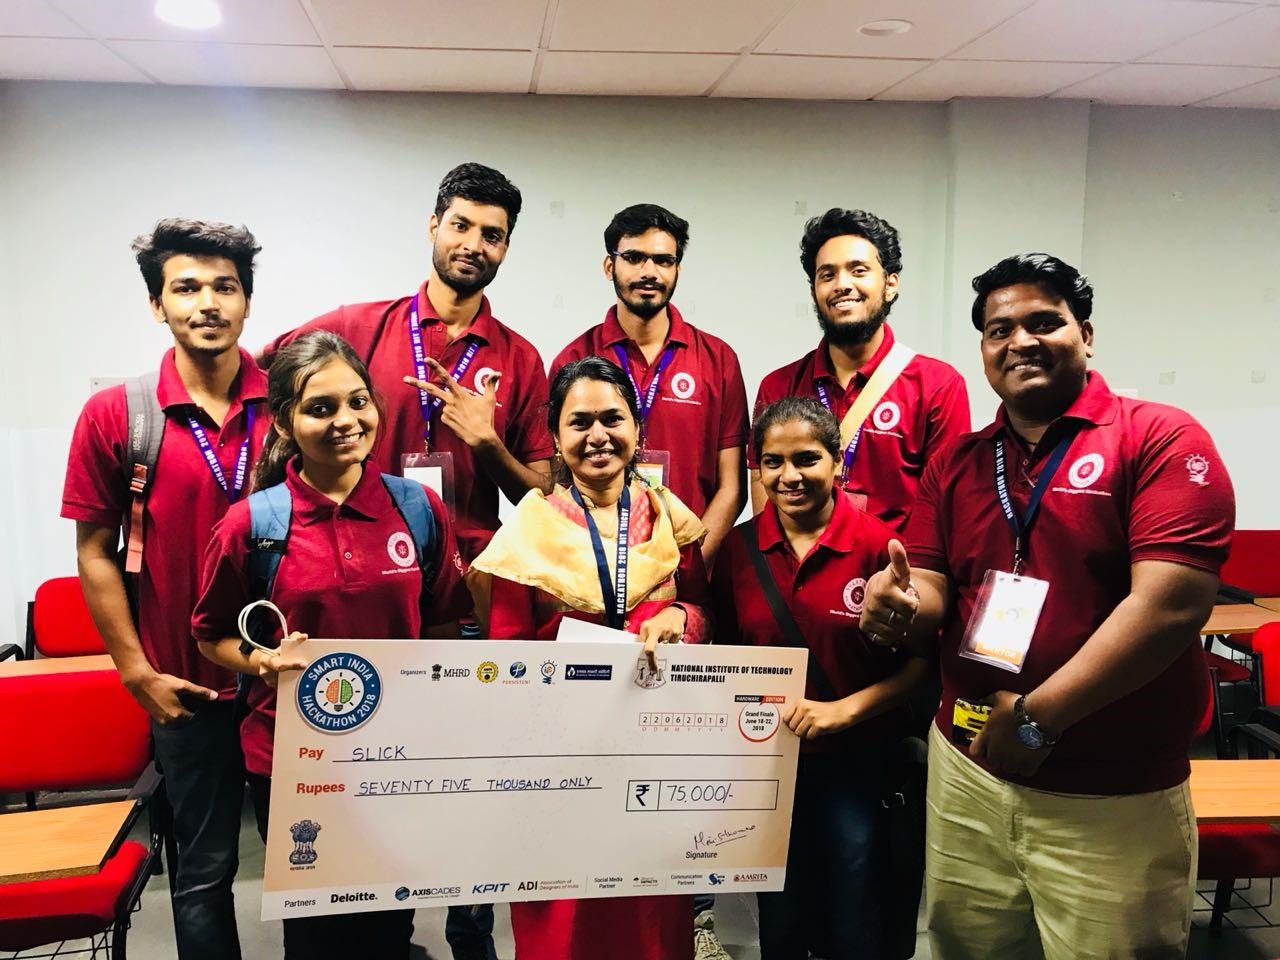 Techno NJR students win innovation prize